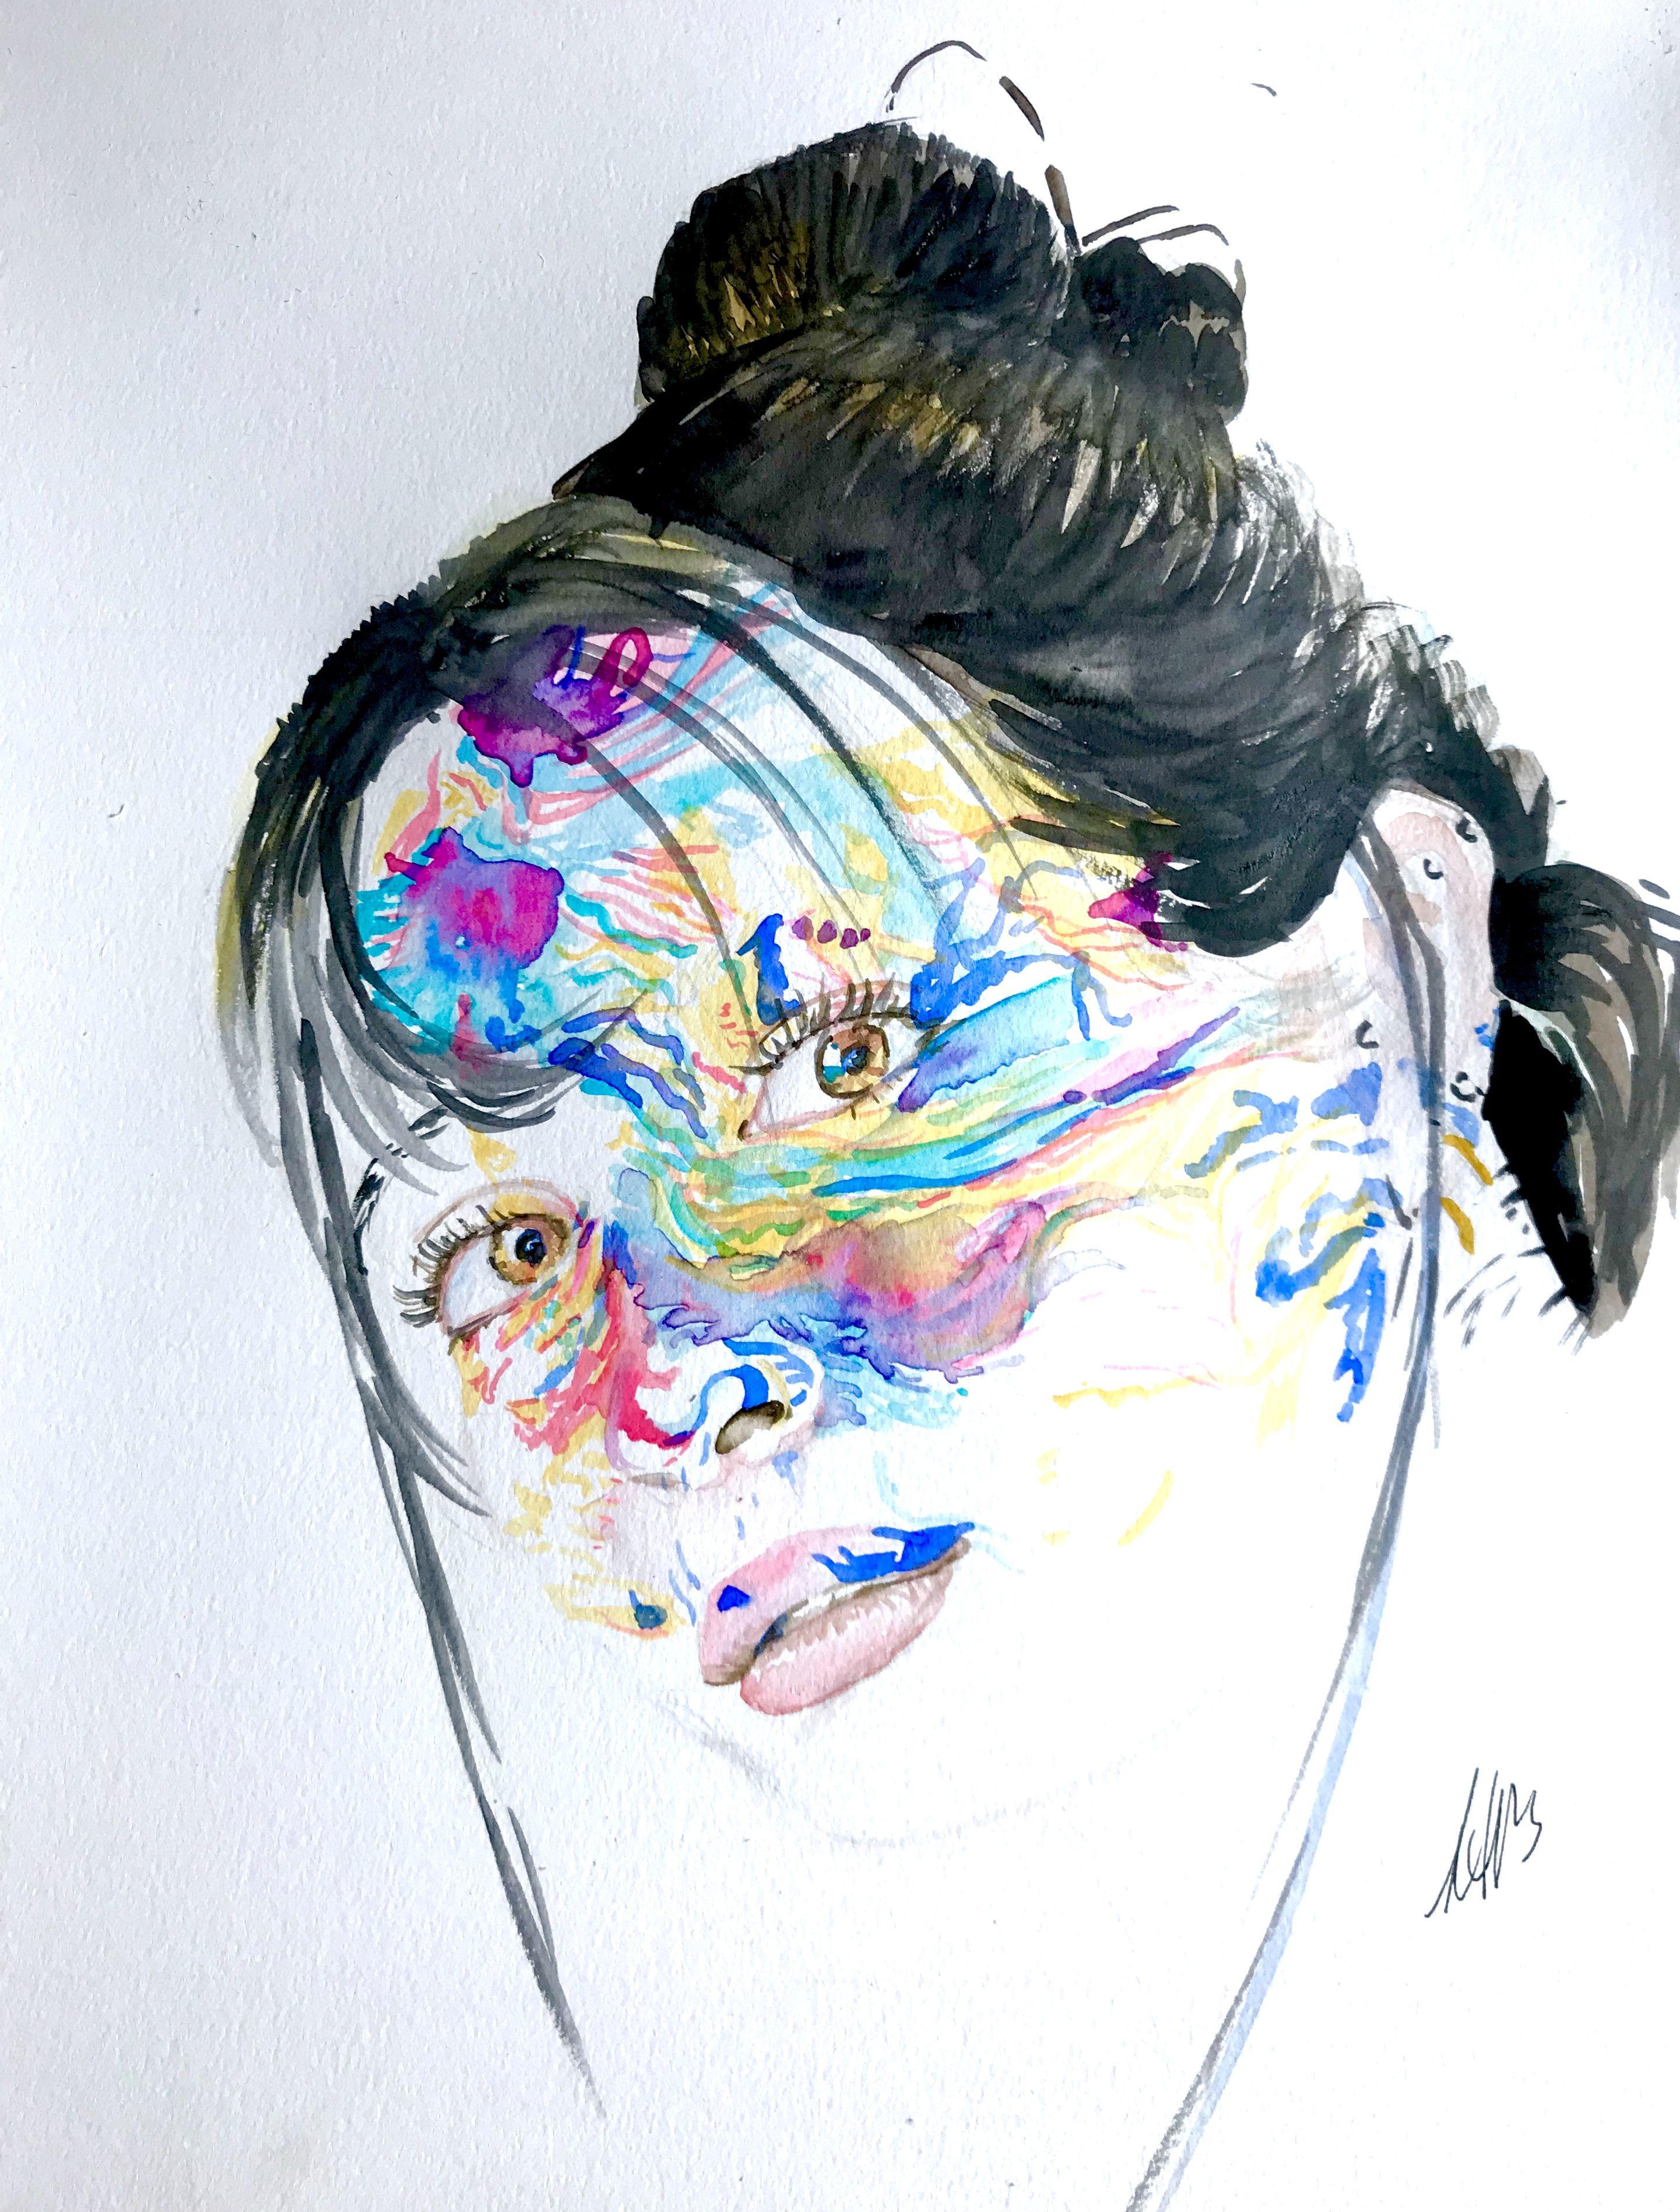 Face Paint Watercolour Portrait Using Vibrant Colour